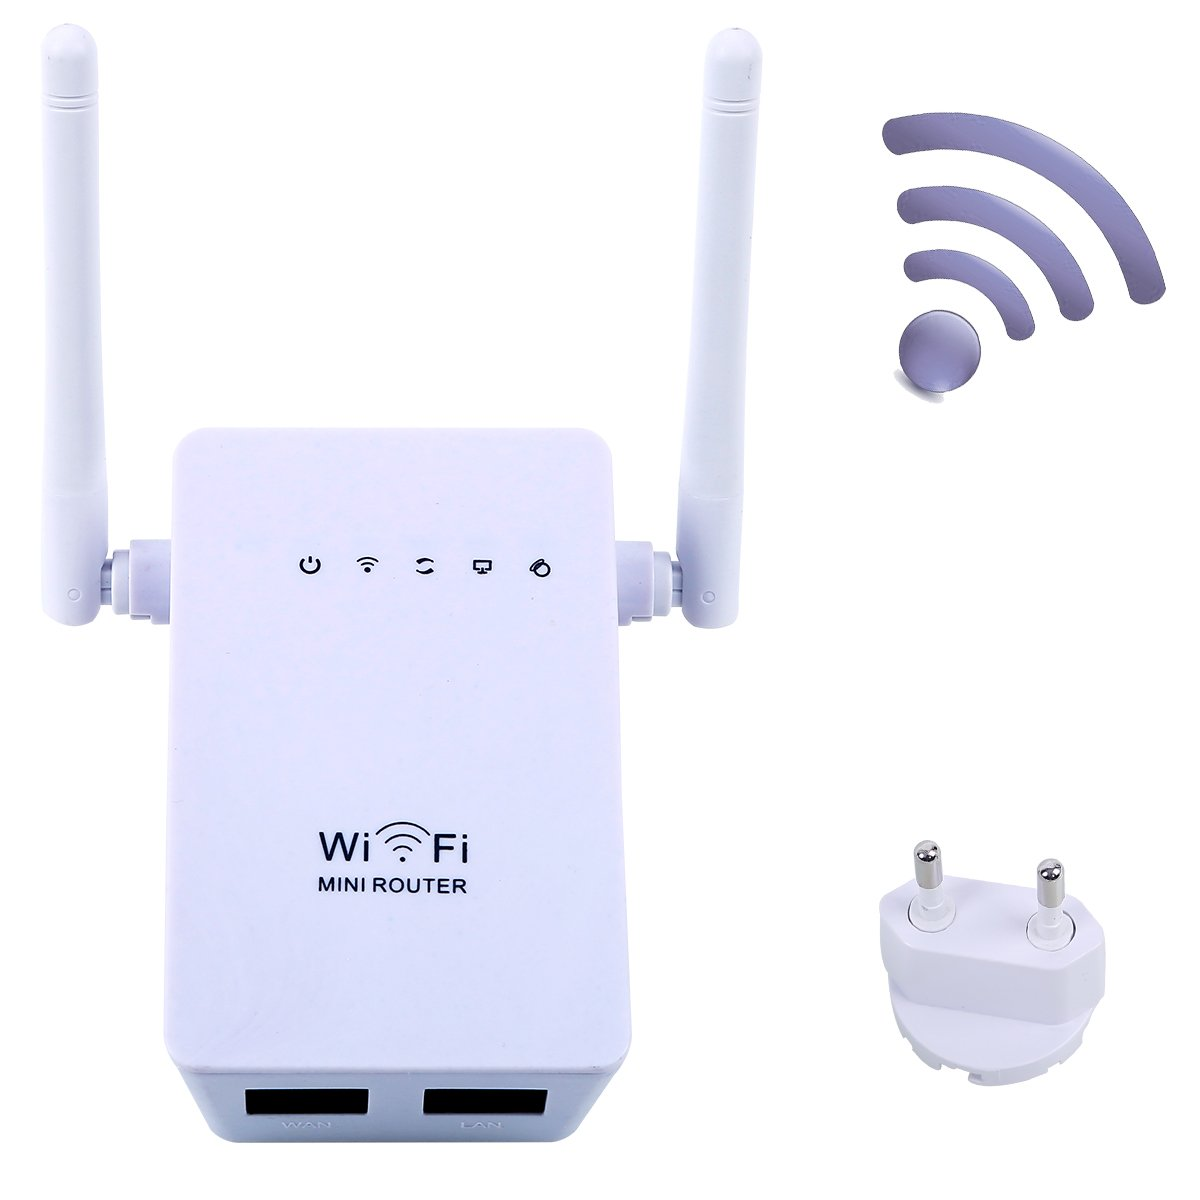 Extensor de red WiFi Enrutador Inalámbrico Mbps Wireless N MiNi Router AP